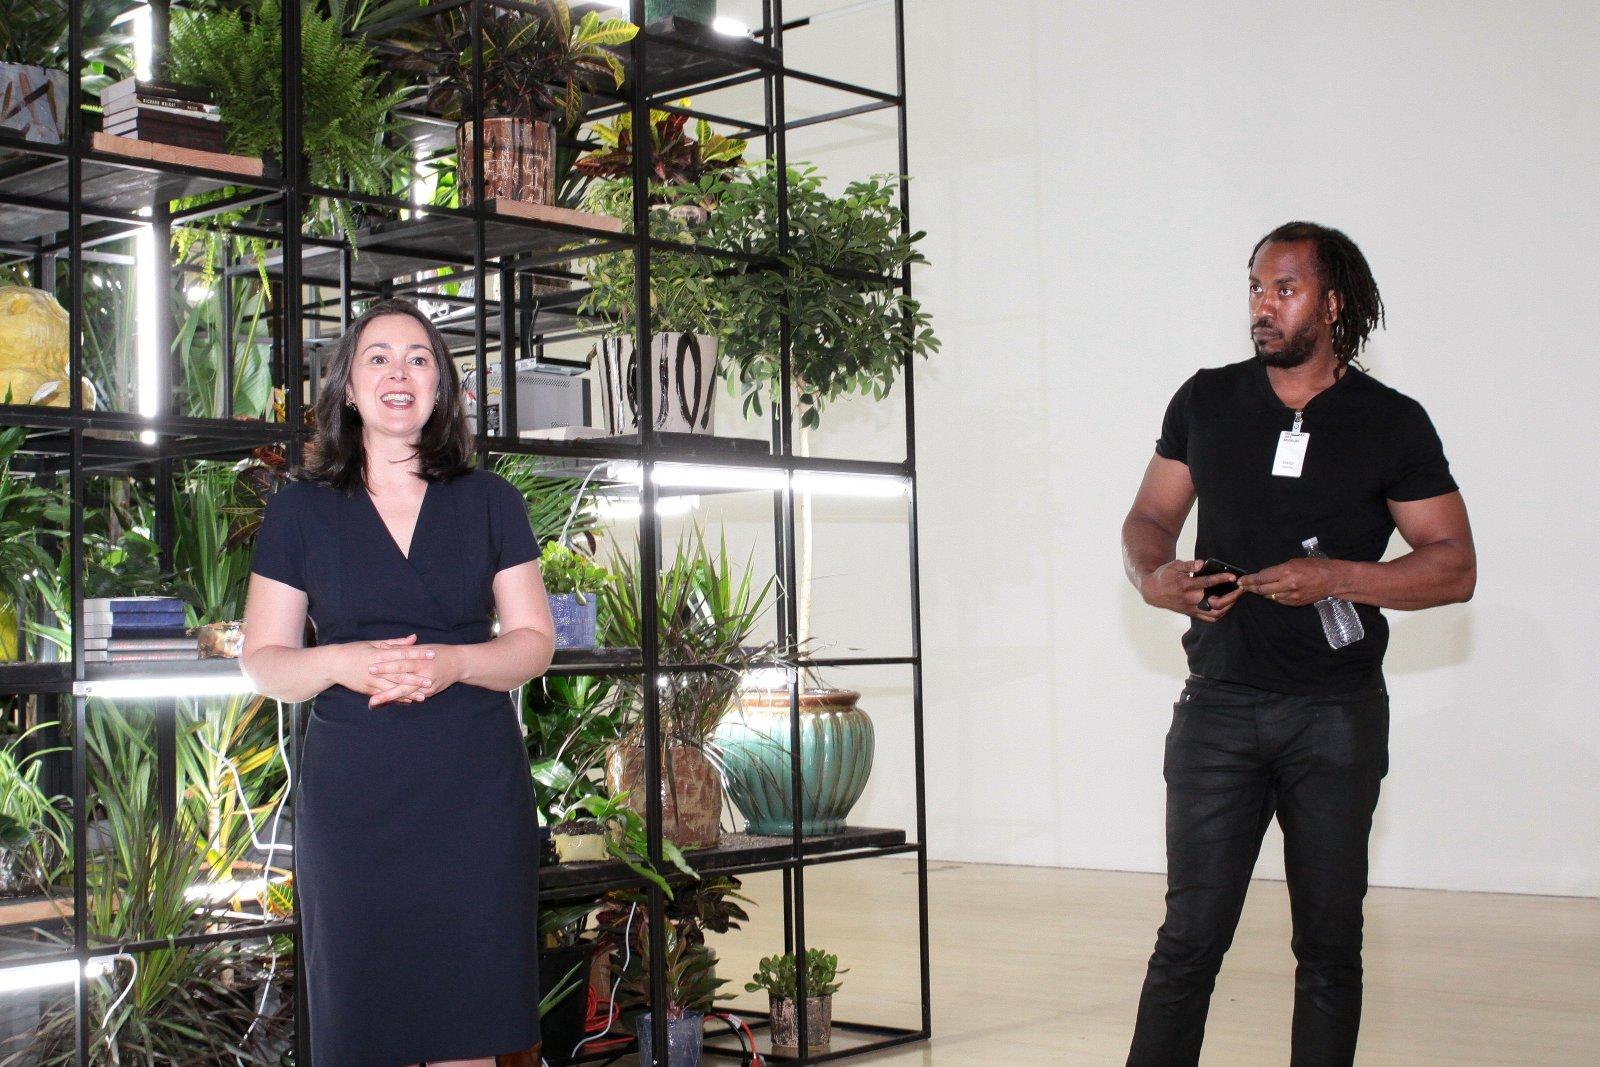 Dr. Marcelle Polednik and Artist Rashid Johnson